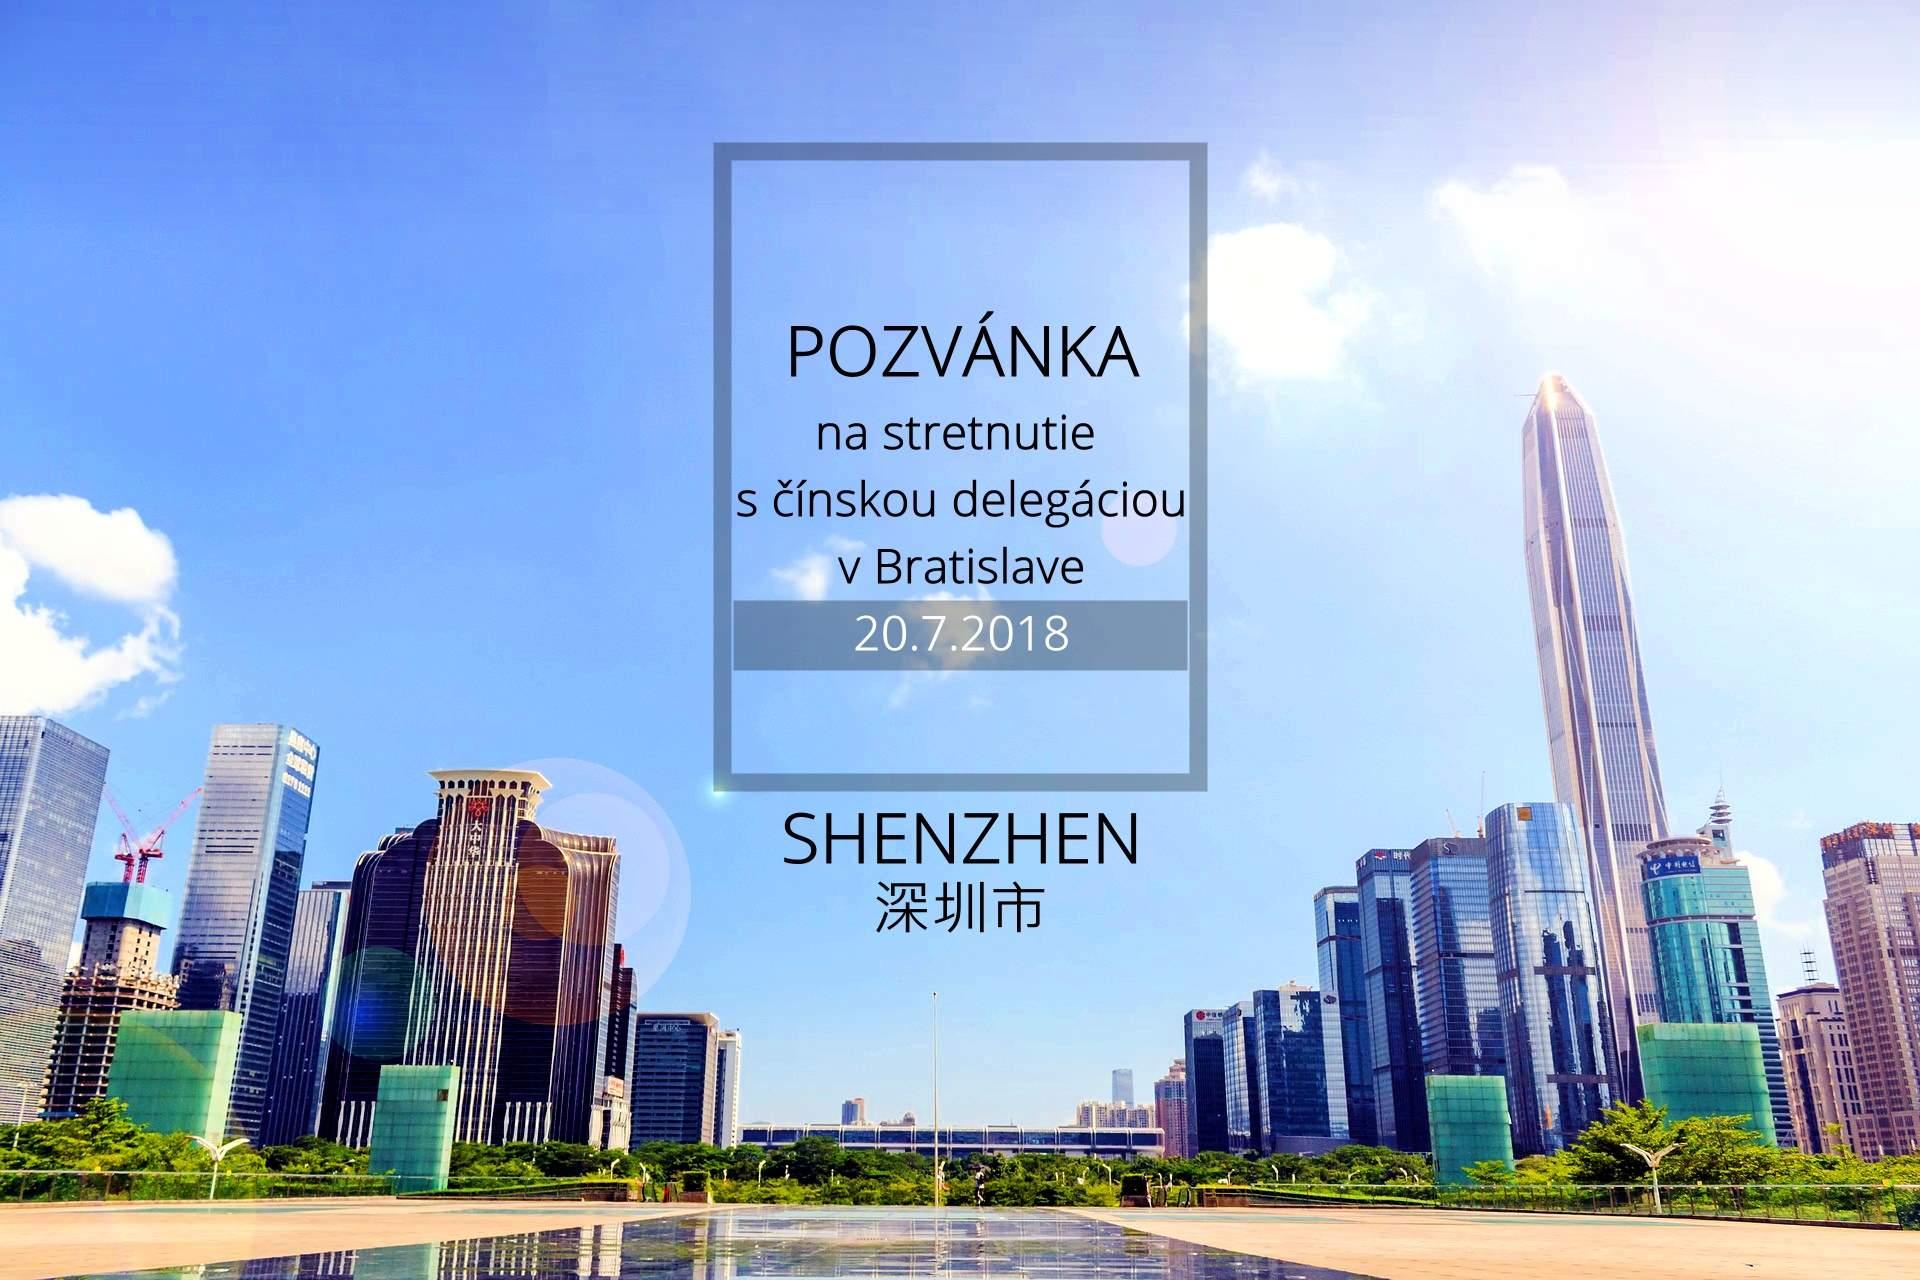 Pozvánka na stretnutie s čínskou delegáciou v Bratislave